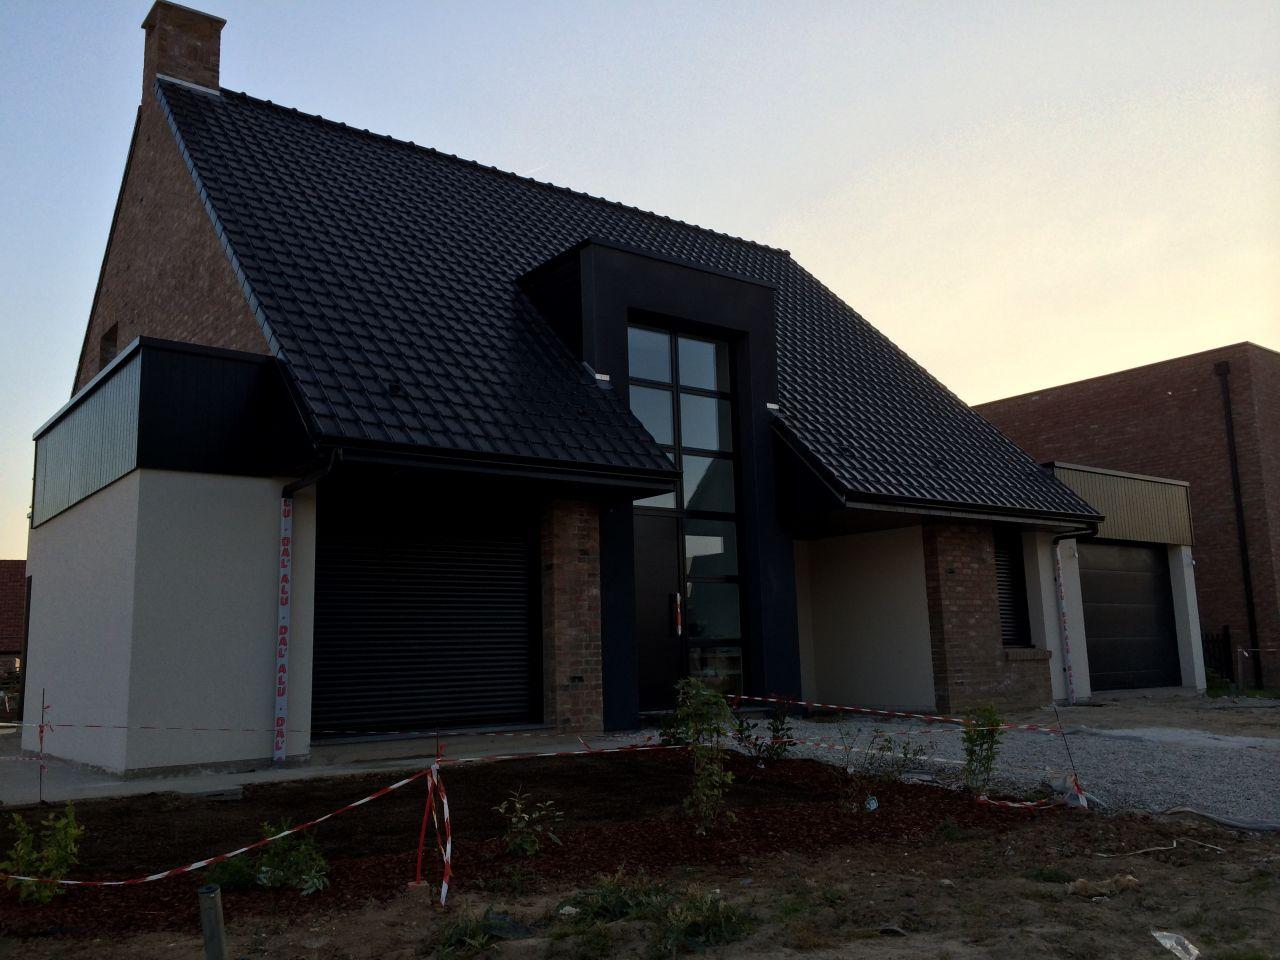 Construction maison klea maison moderne - Construction maison forum ...